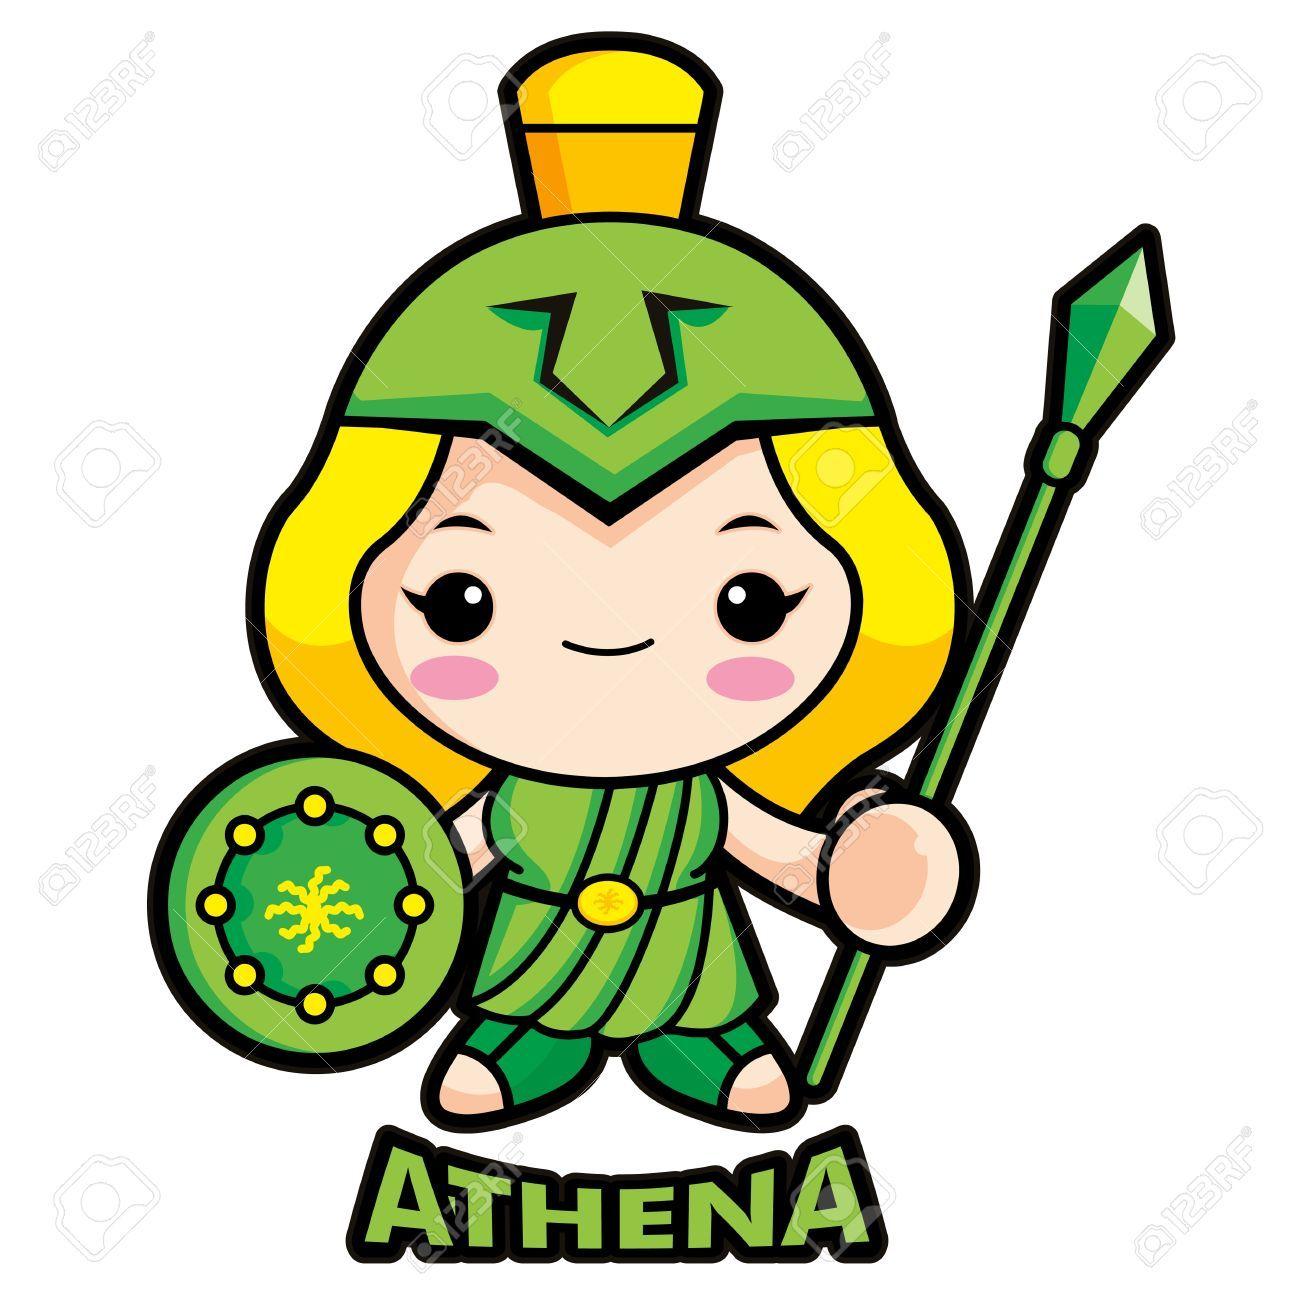 Greece clipart animated. Apollo google search greek